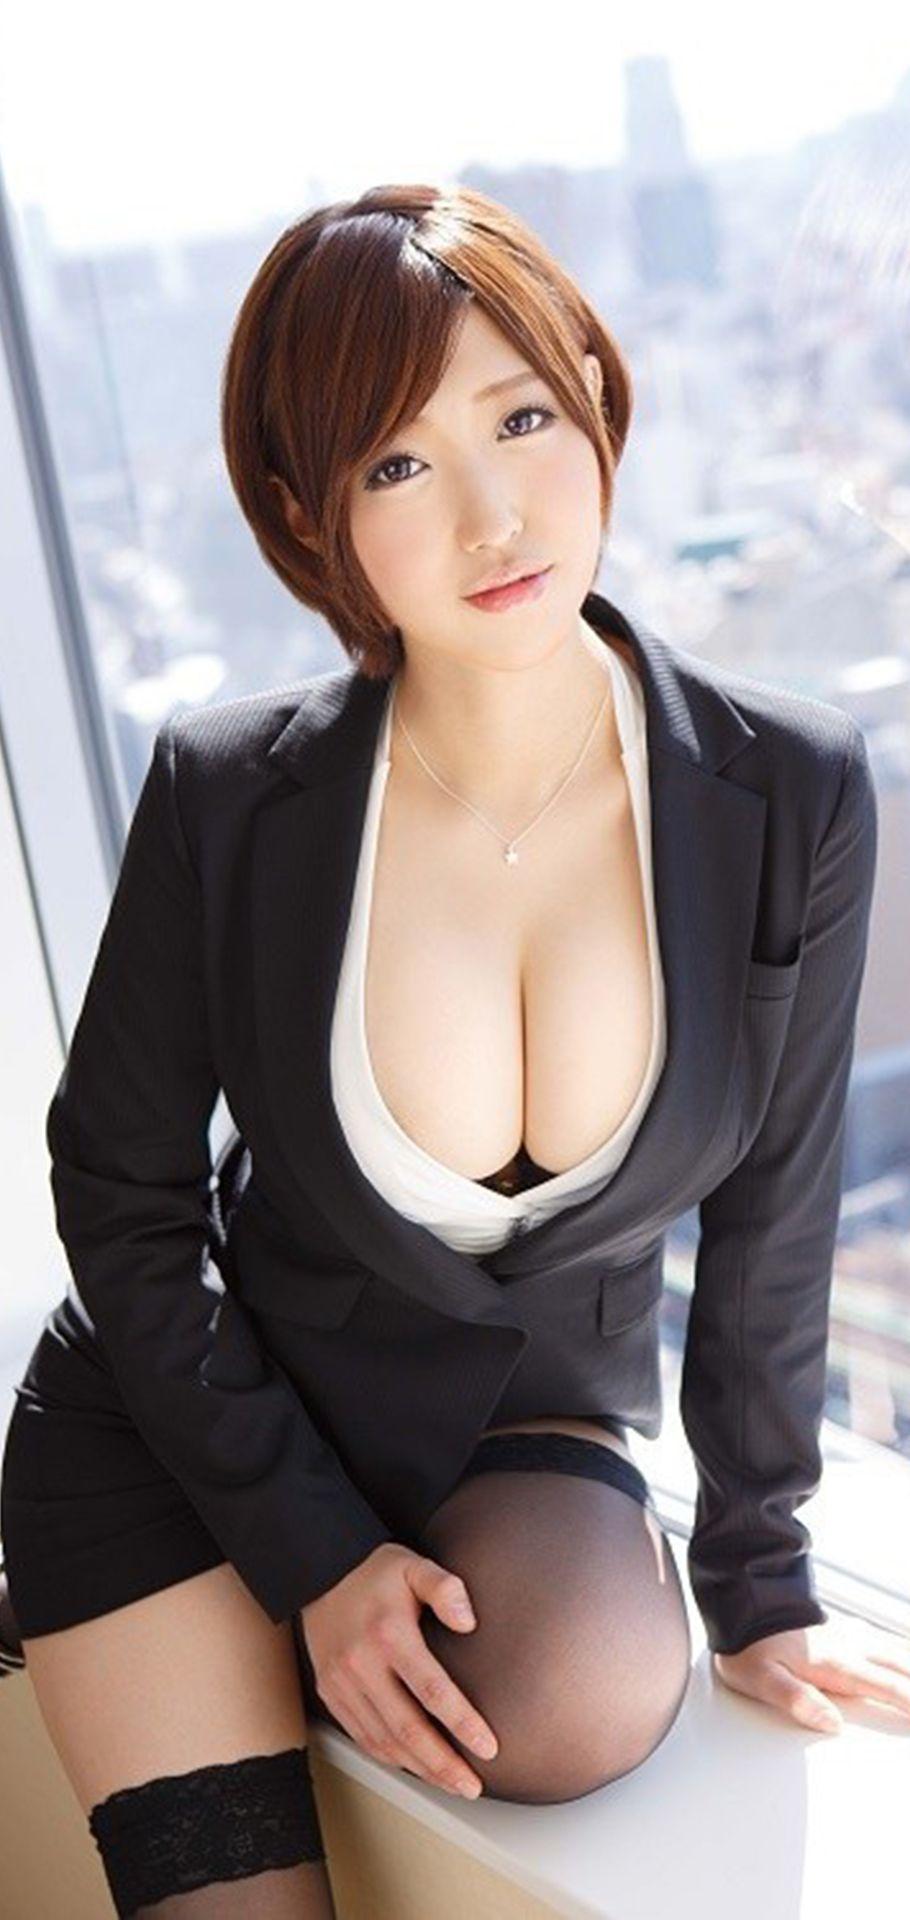 models Asian gravure